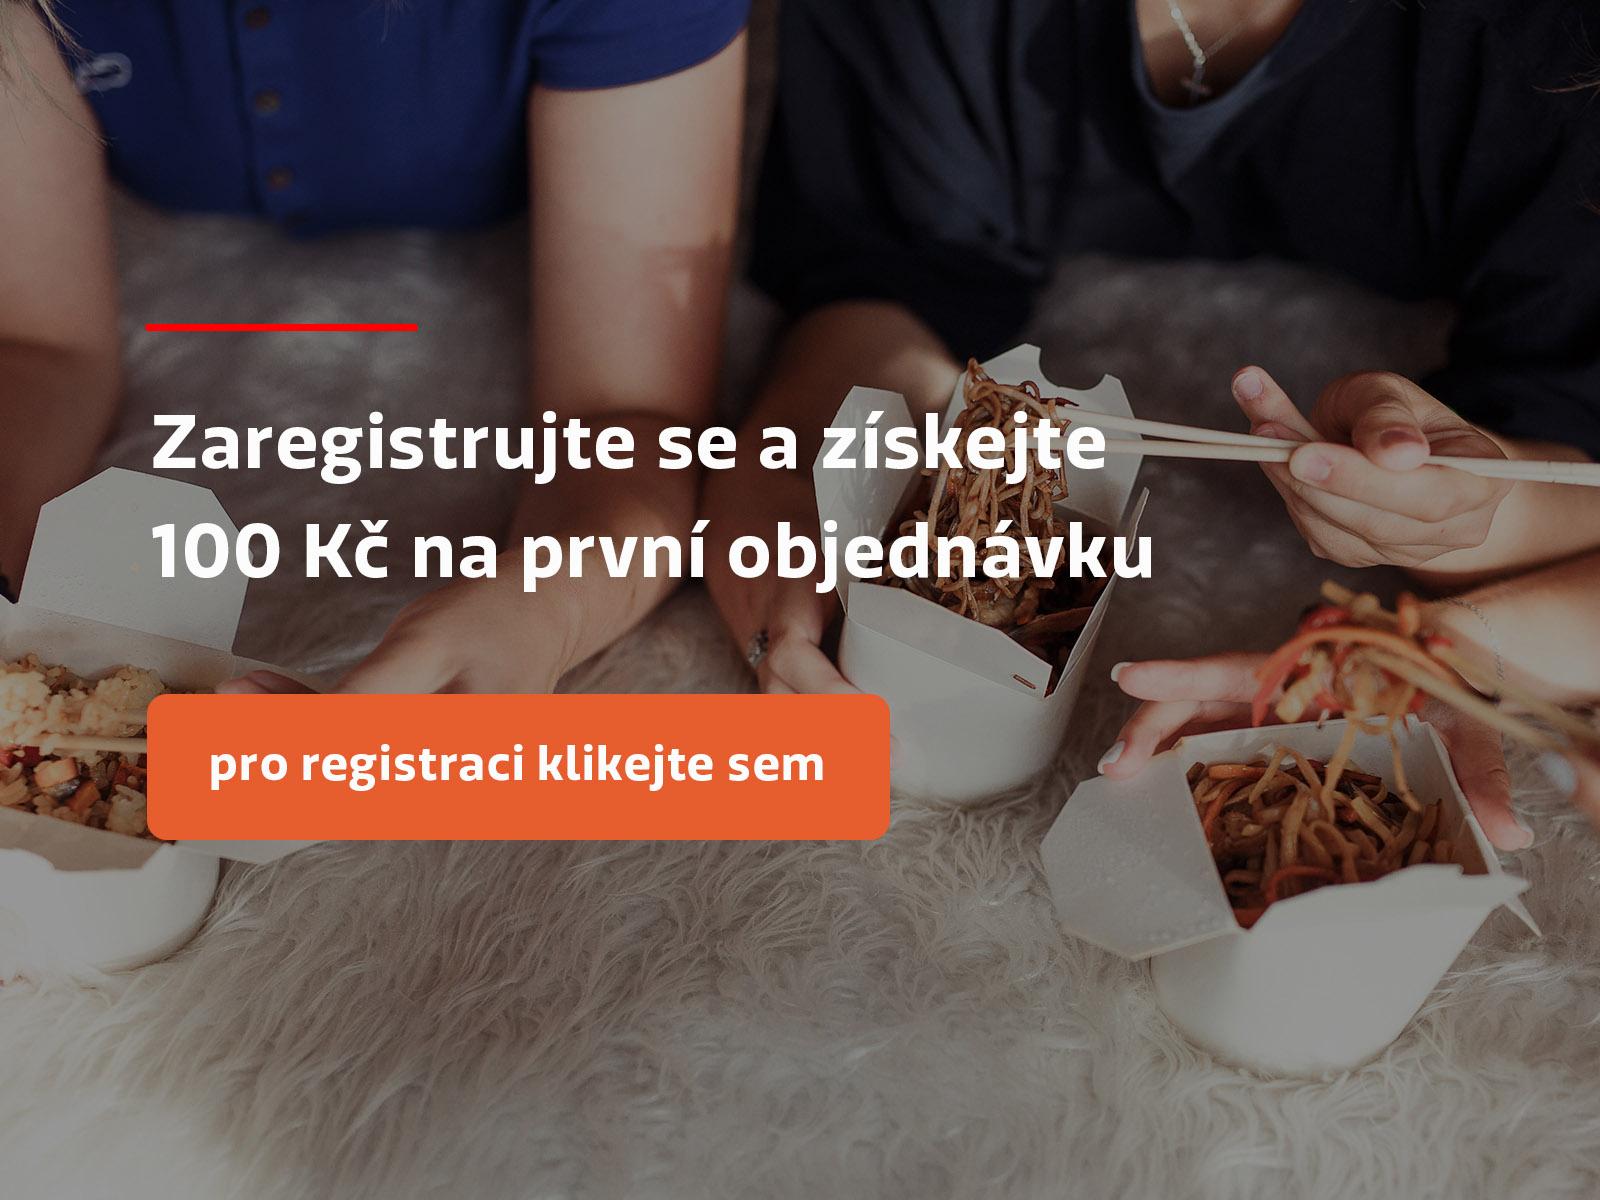 Zaregistrujte se a získejte 100 Kč na první objednávku - pro registraci klikejte sem